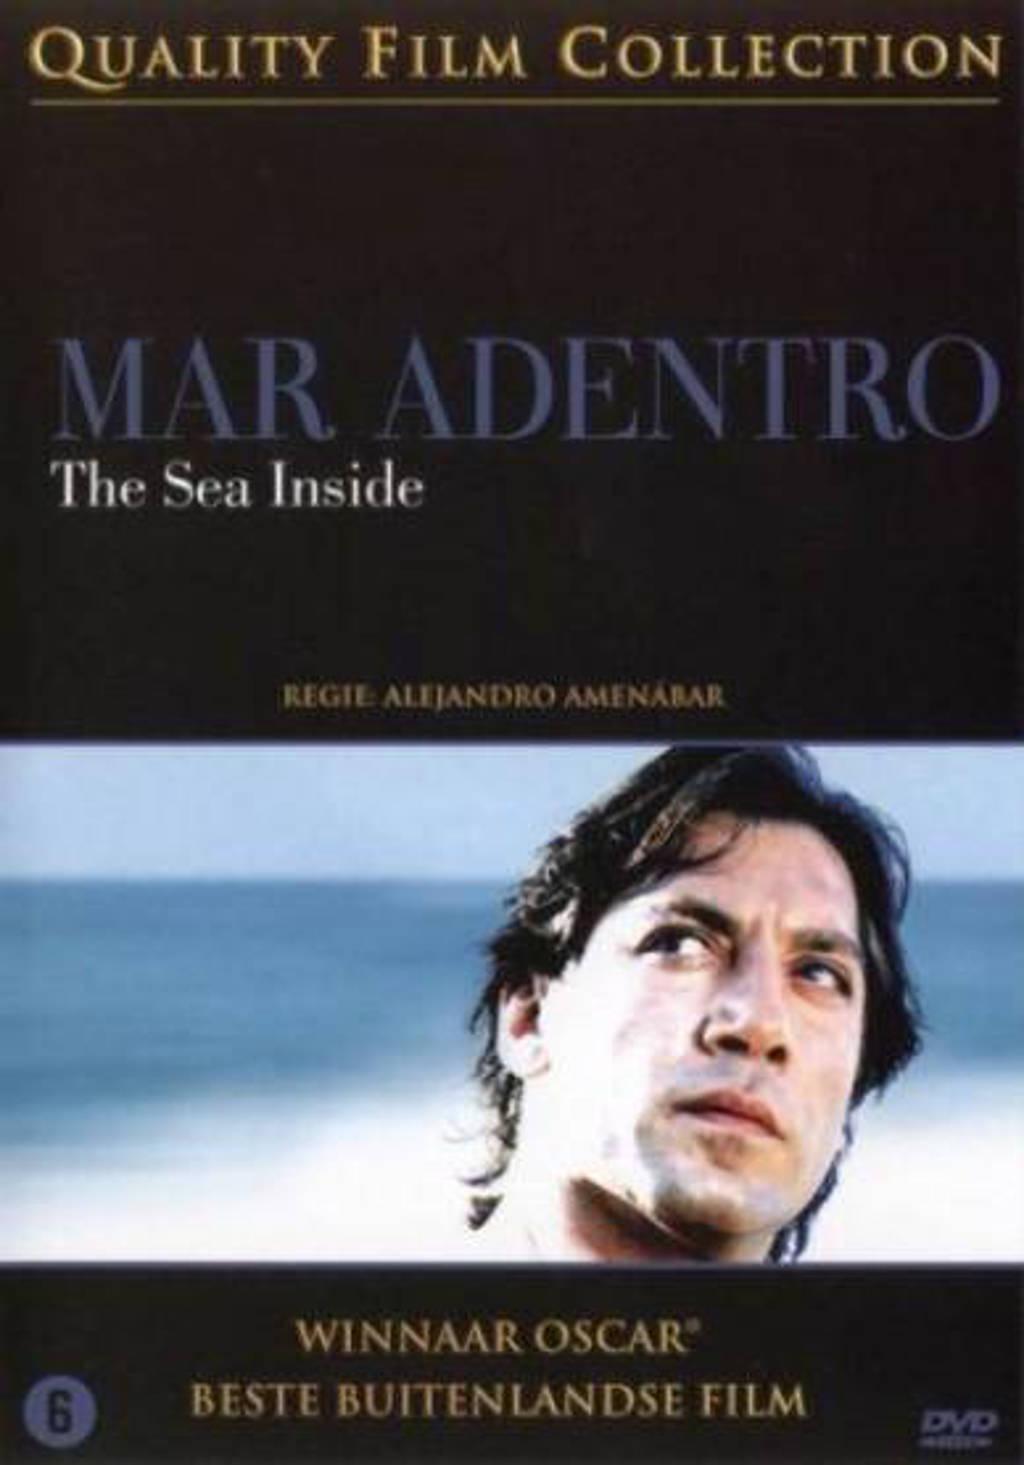 Mar adentro (DVD)